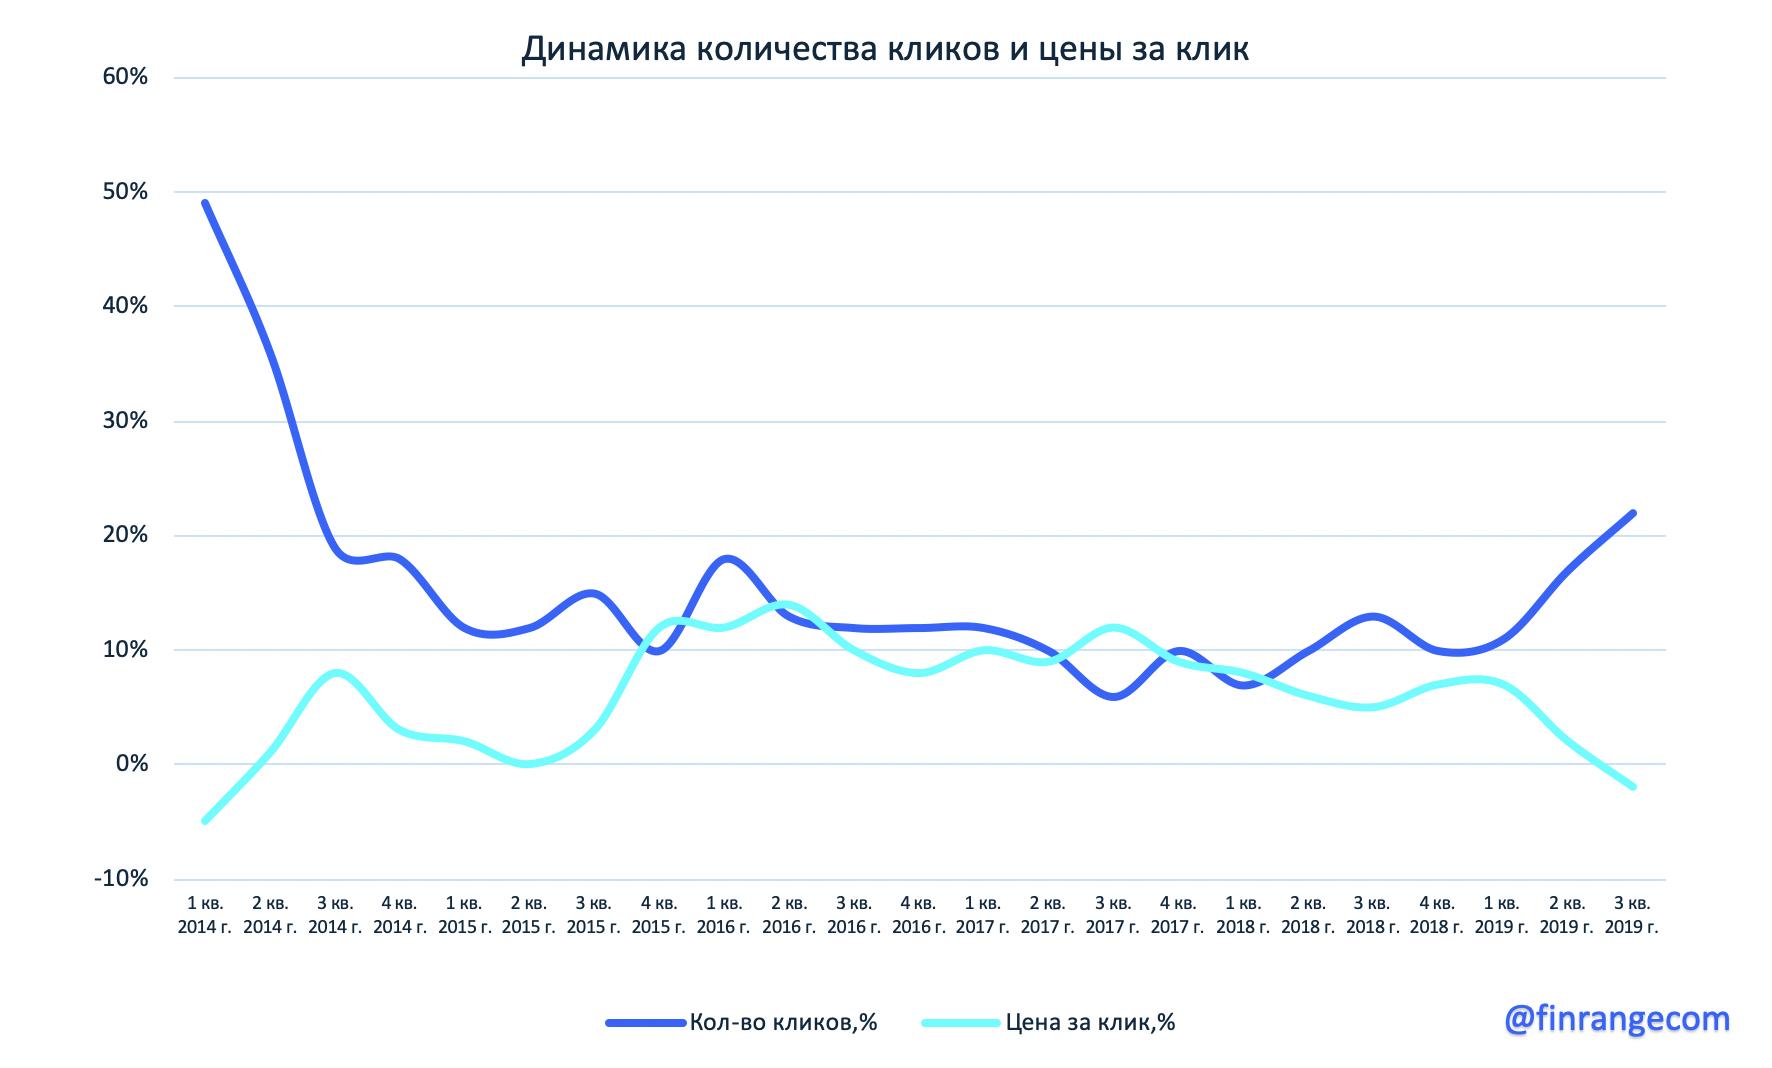 Яндекс: финансовые результаты за III кв. 2019 г. Оффлайн бизнес продолжает вносить всё больший вклад